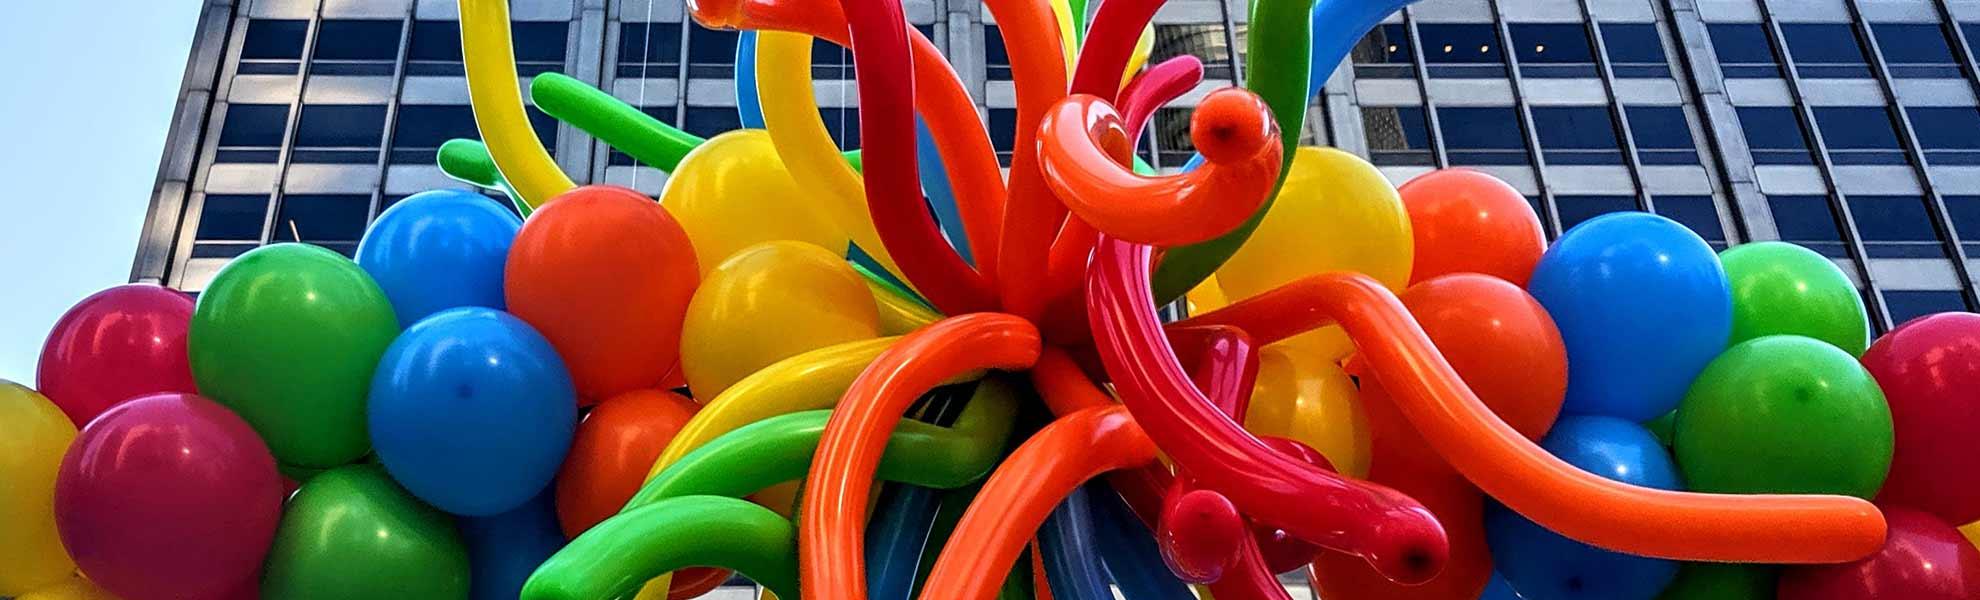 balloonciaga-banner-1